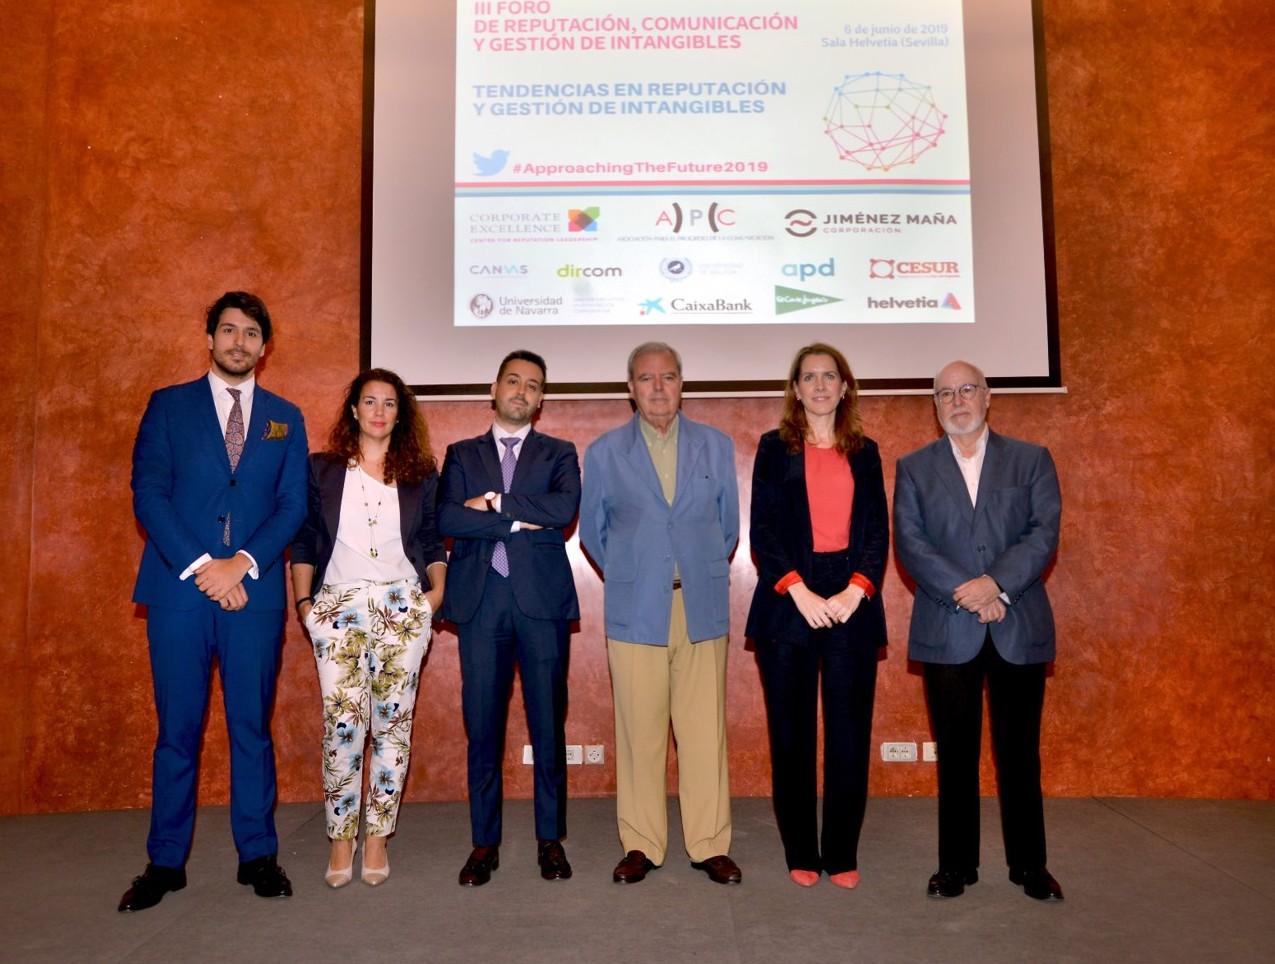 Las empresas españolas, cada vez más comprometidas con el cambio climático y el desarrollo sostenible